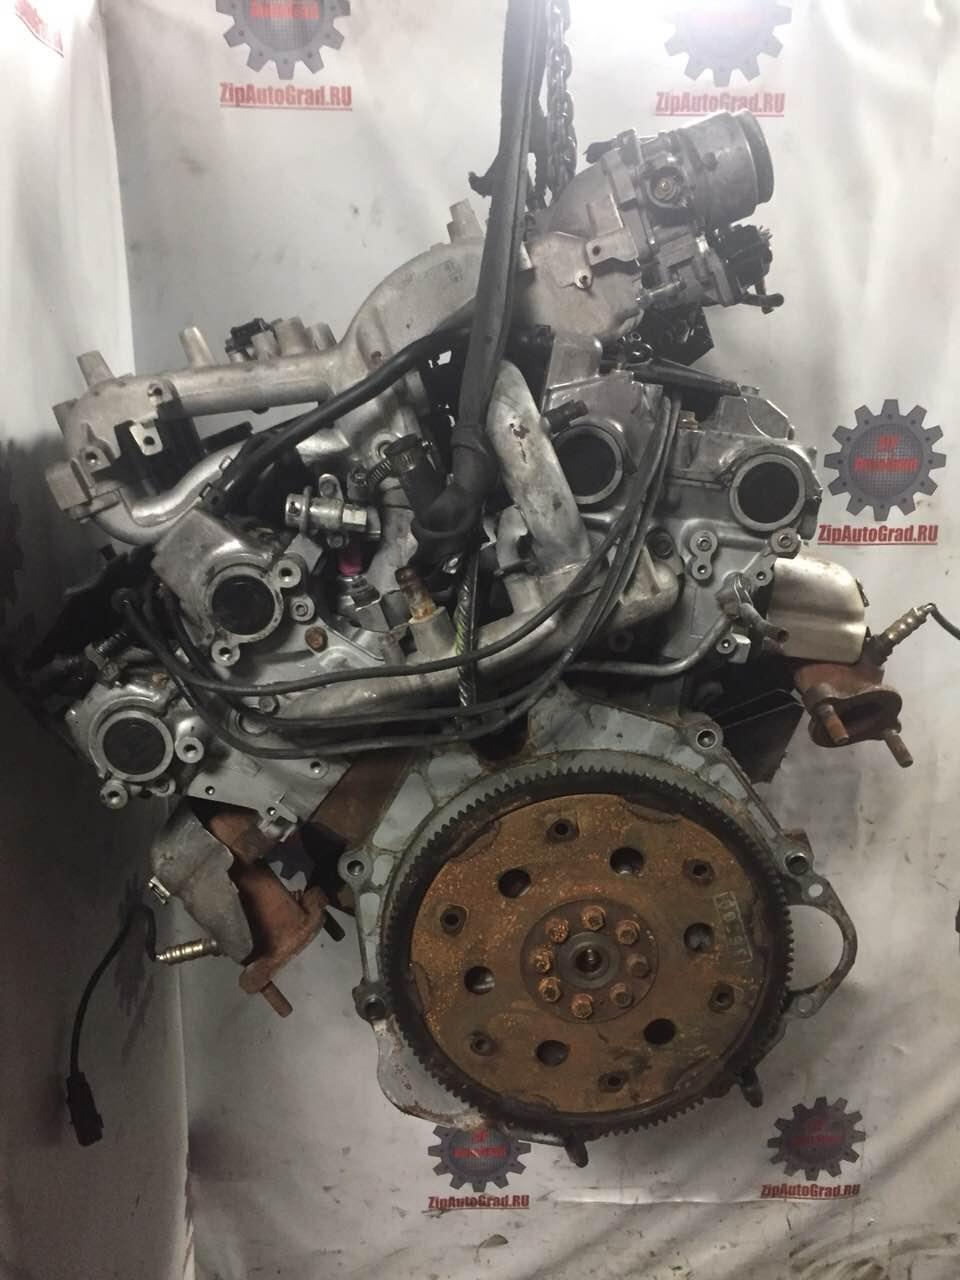 Двигатель Hyundai Terracan. G6CU. , 3.5л., 197л.с.  фото 4